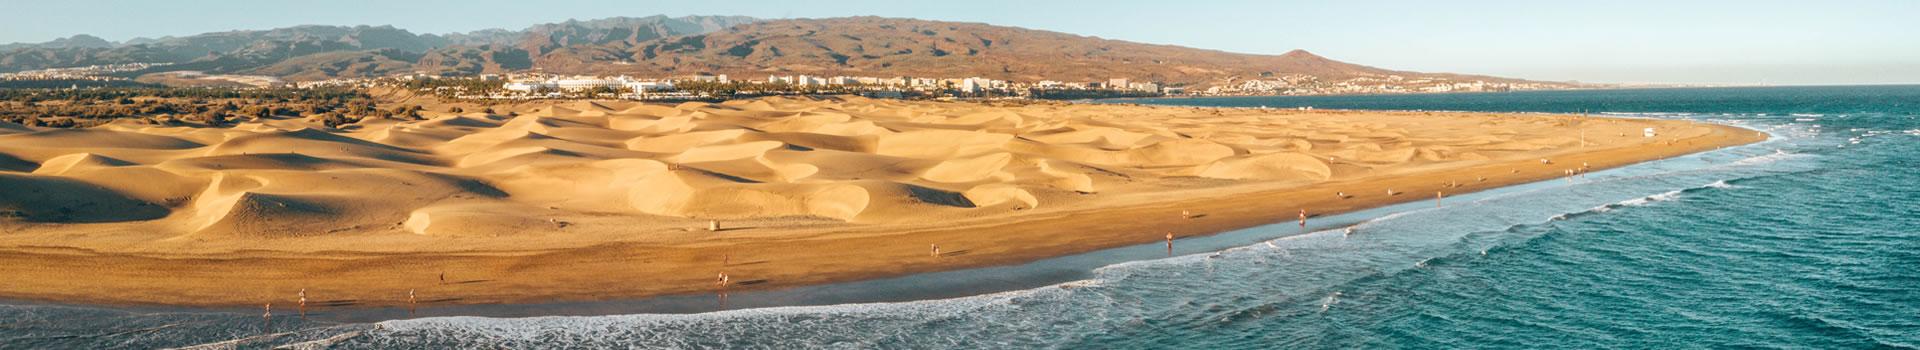 Car Hire La Palma Canary Islands Compare